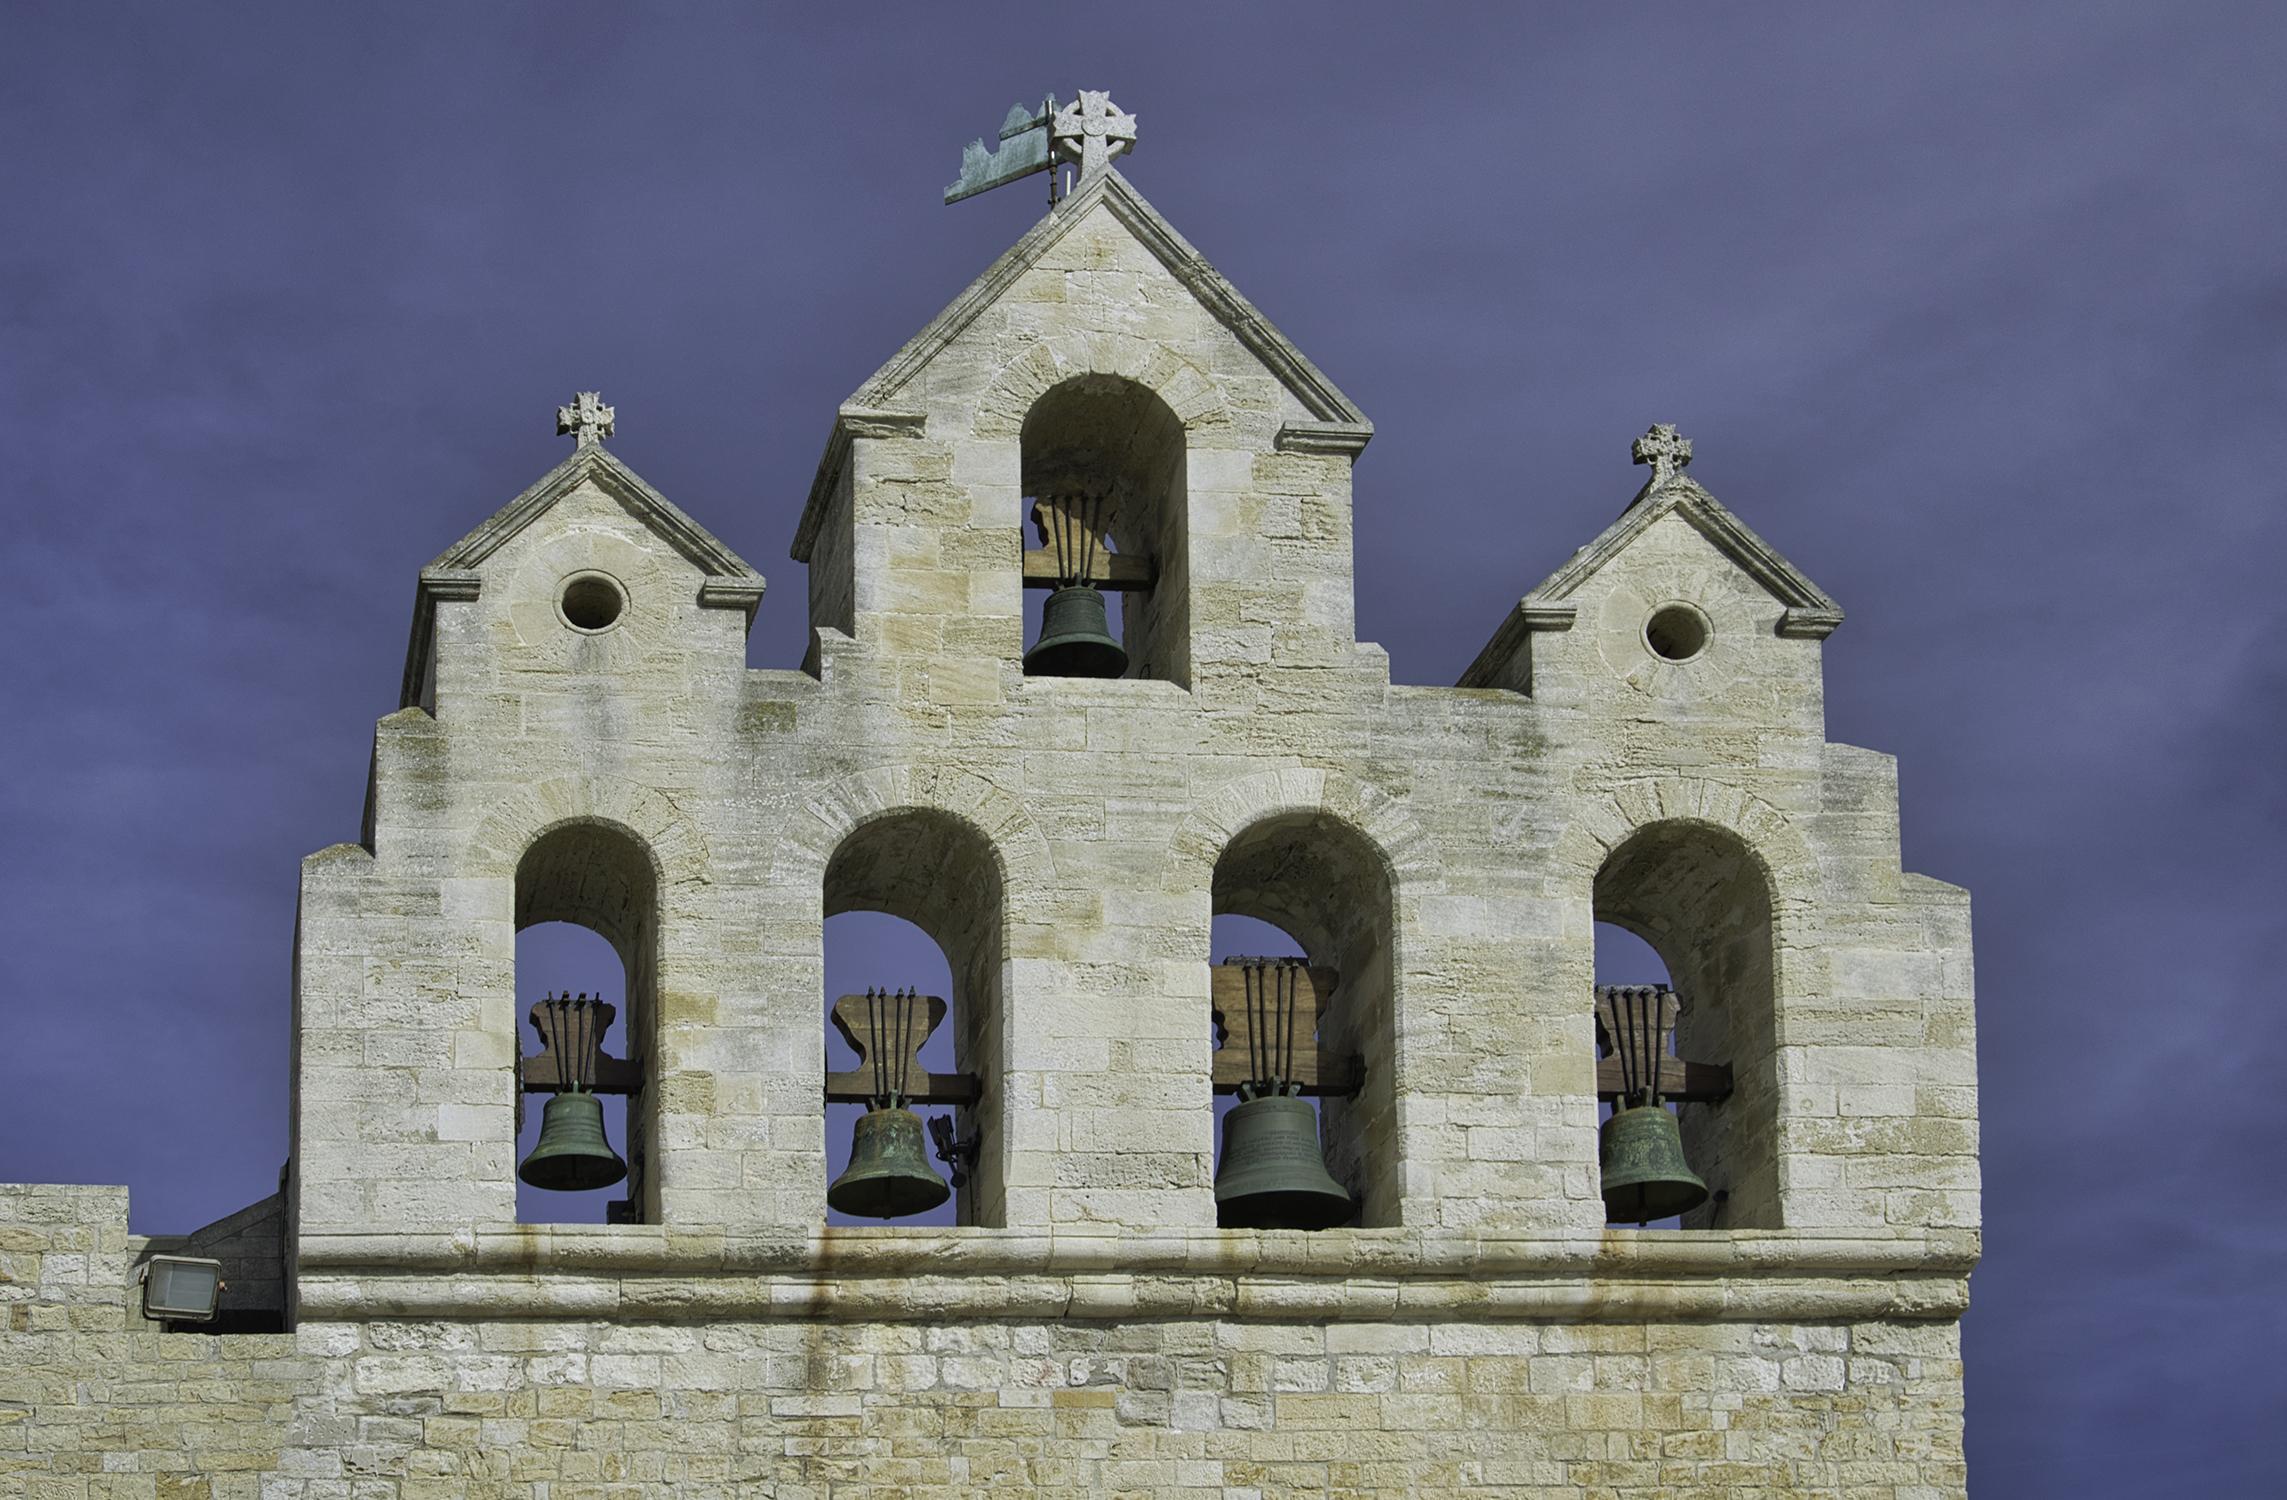 Chiesa fortezza Notre Dame de la Mere_campanile_Camargue-9906.jpg